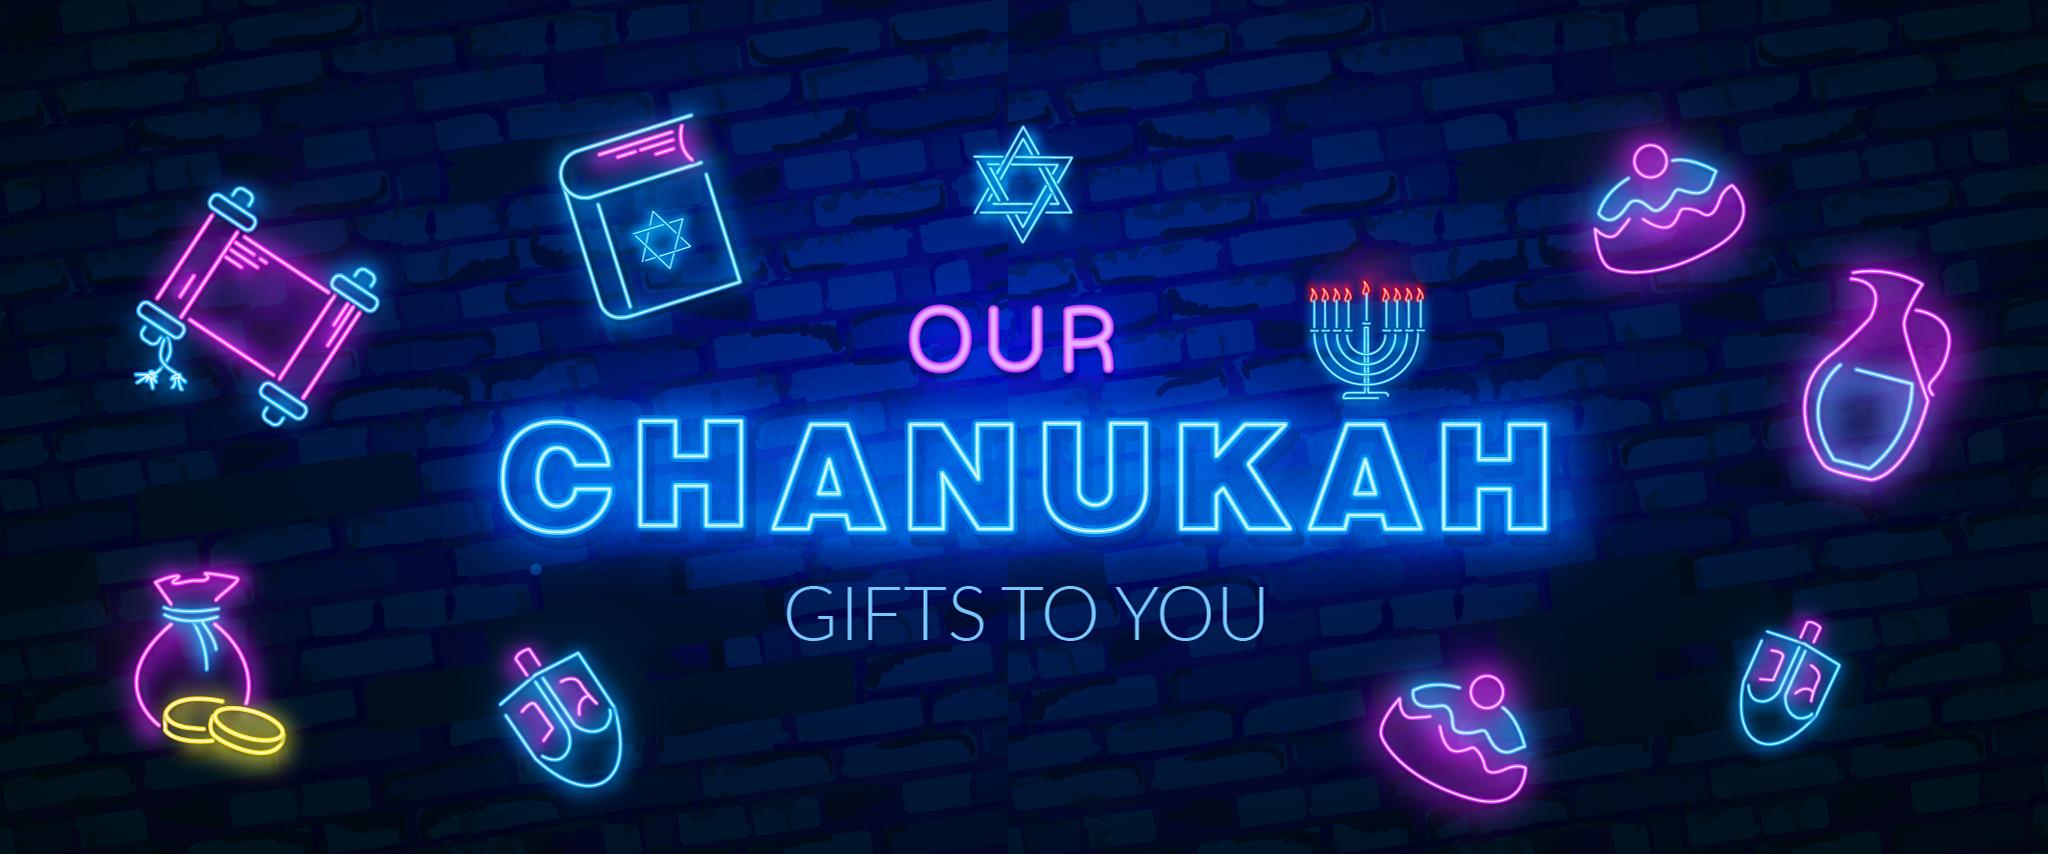 chanukah_header_landing page